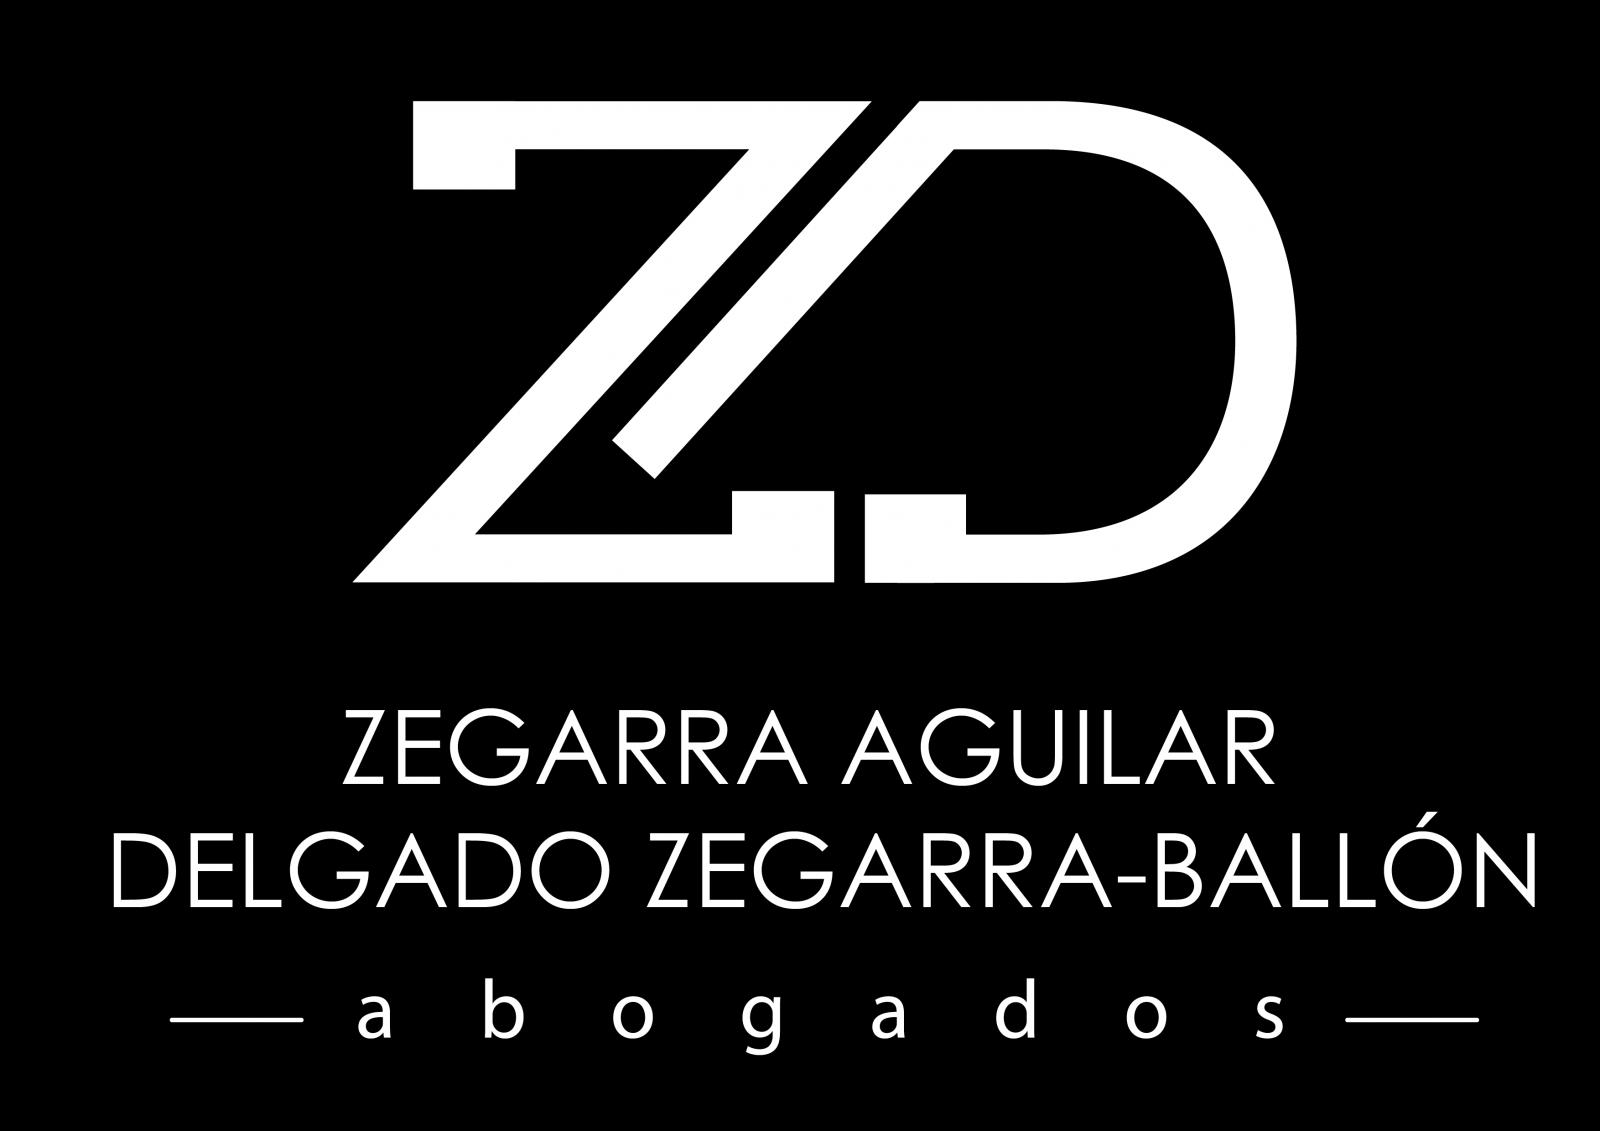 ZEGARRA AGUILAR & DELGADO ZEGARRA-BALLÓN ABOGADOS S.A.C.